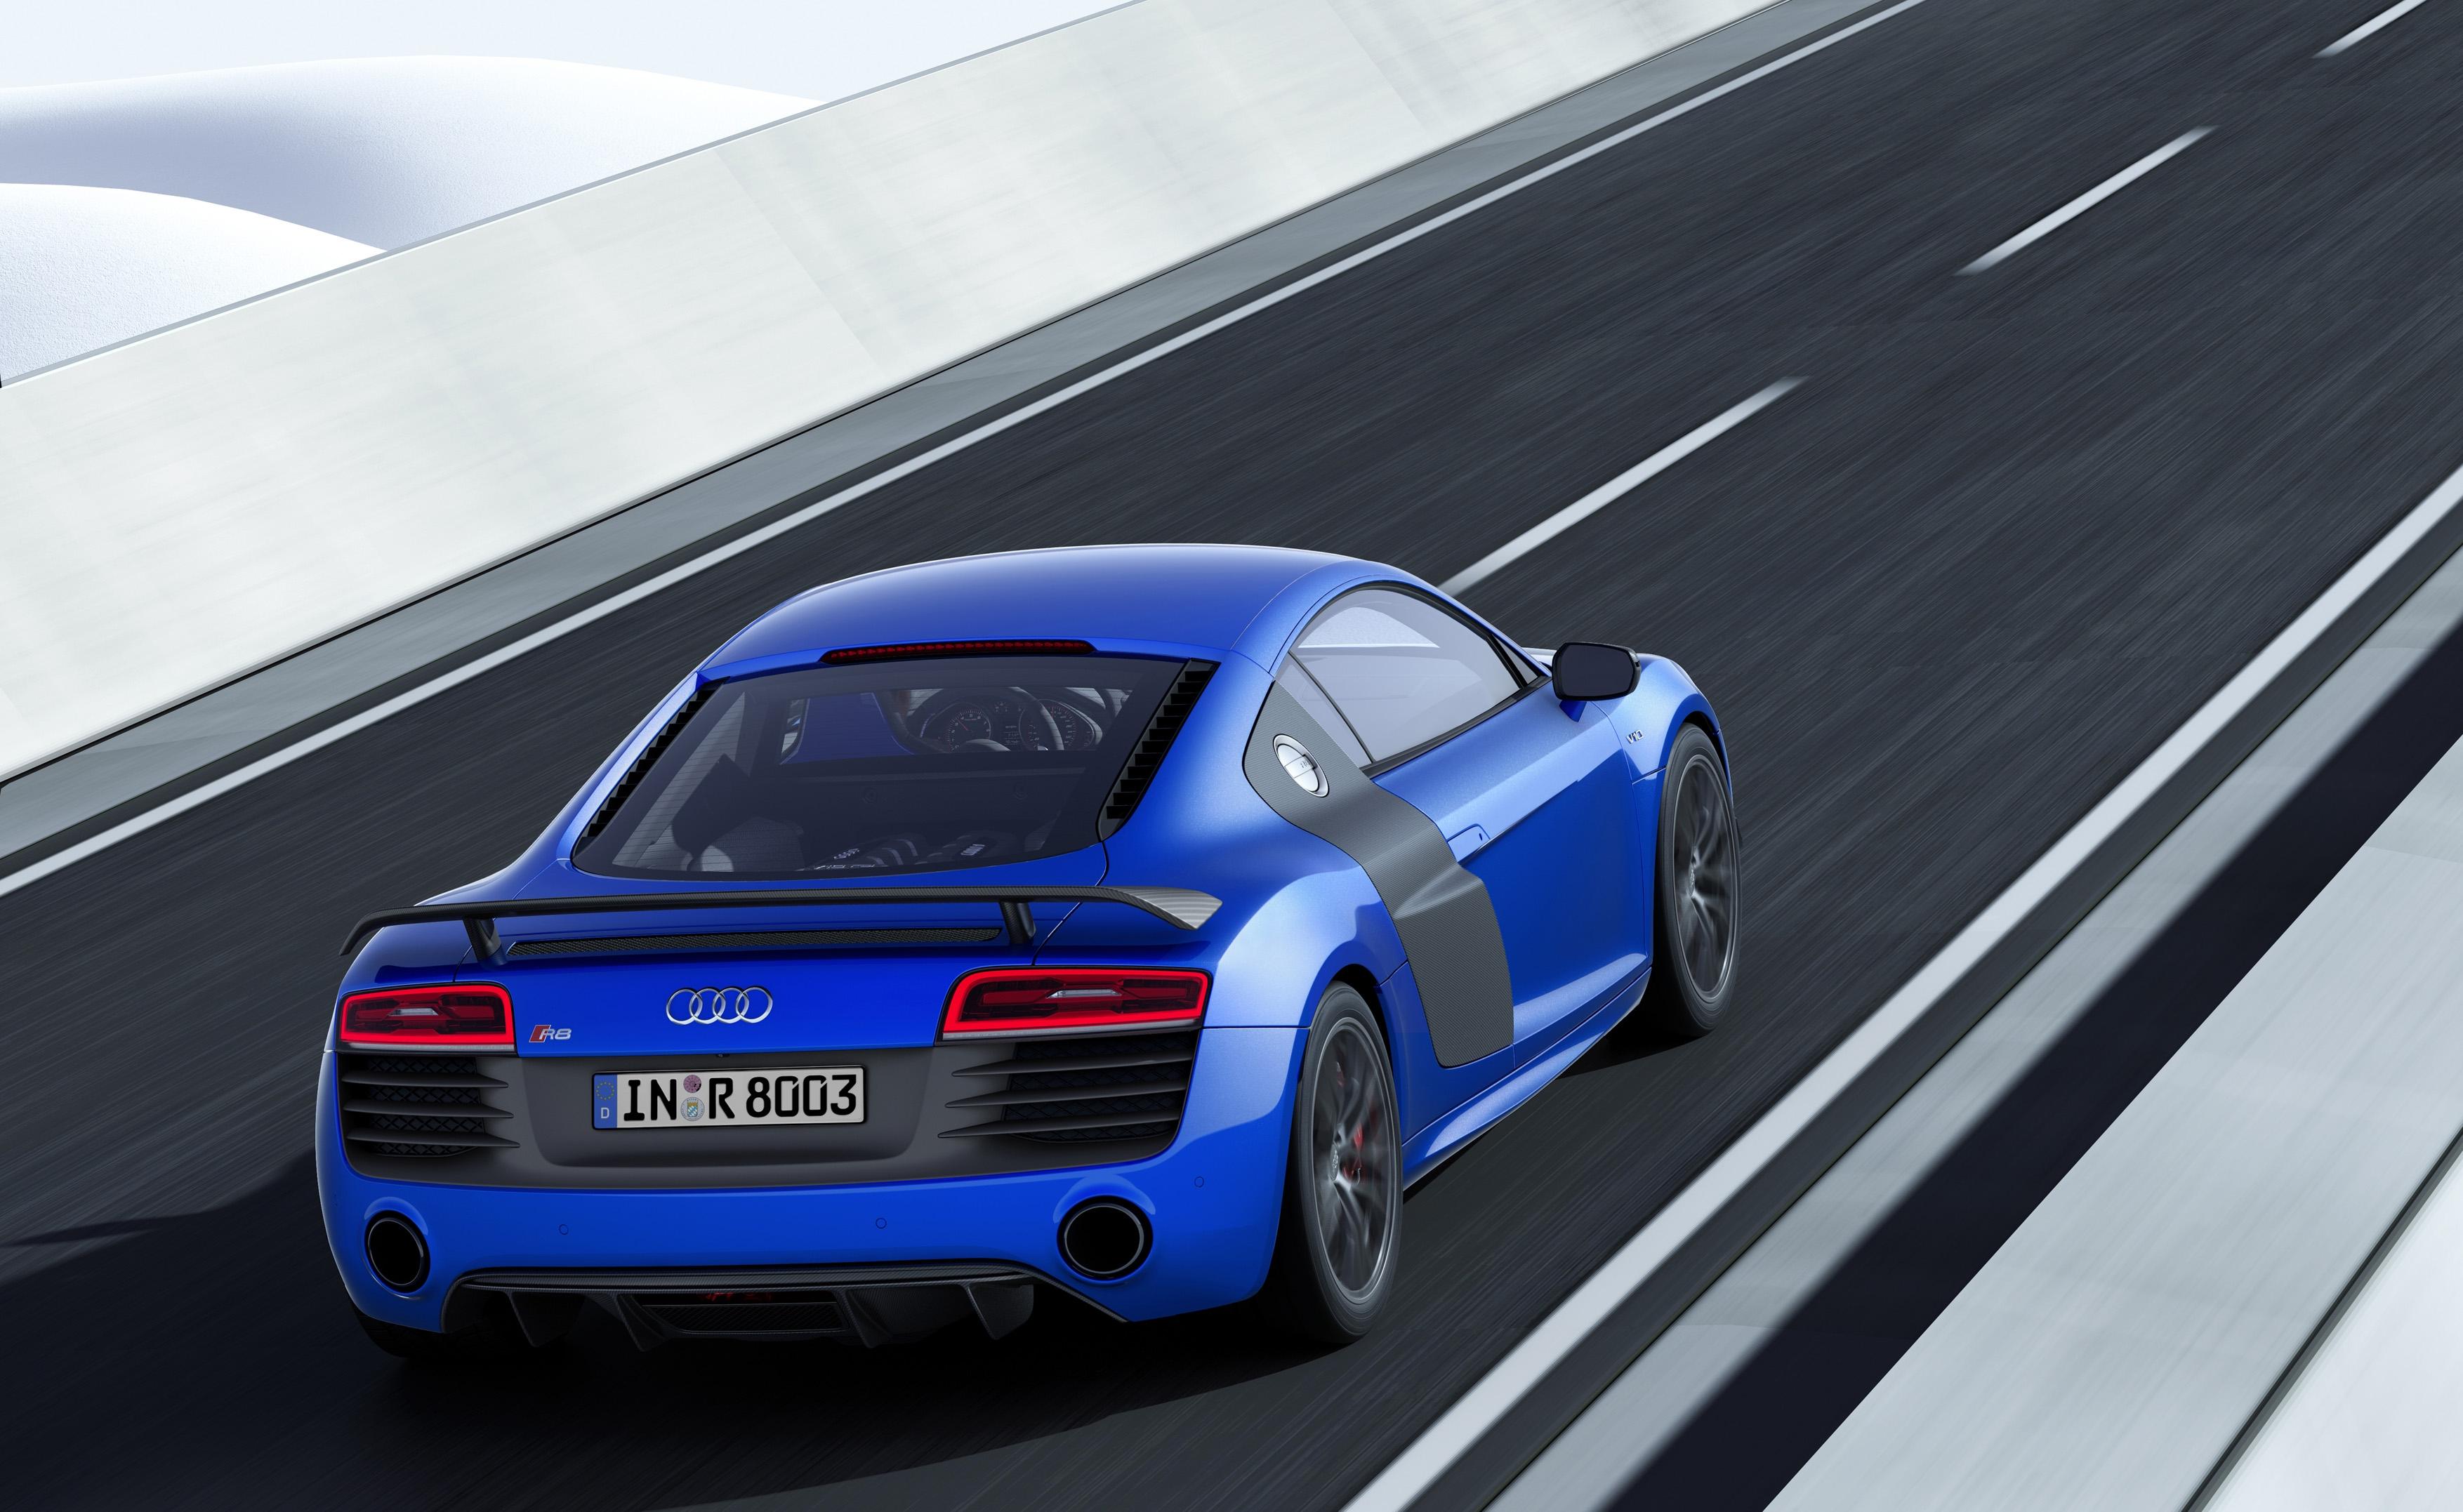 http://images.caradisiac.com/images/4/4/4/7/94447/S0-Audi-lance-la-serie-limitee-R8-LMX-a-feux-laser-321131.jpg